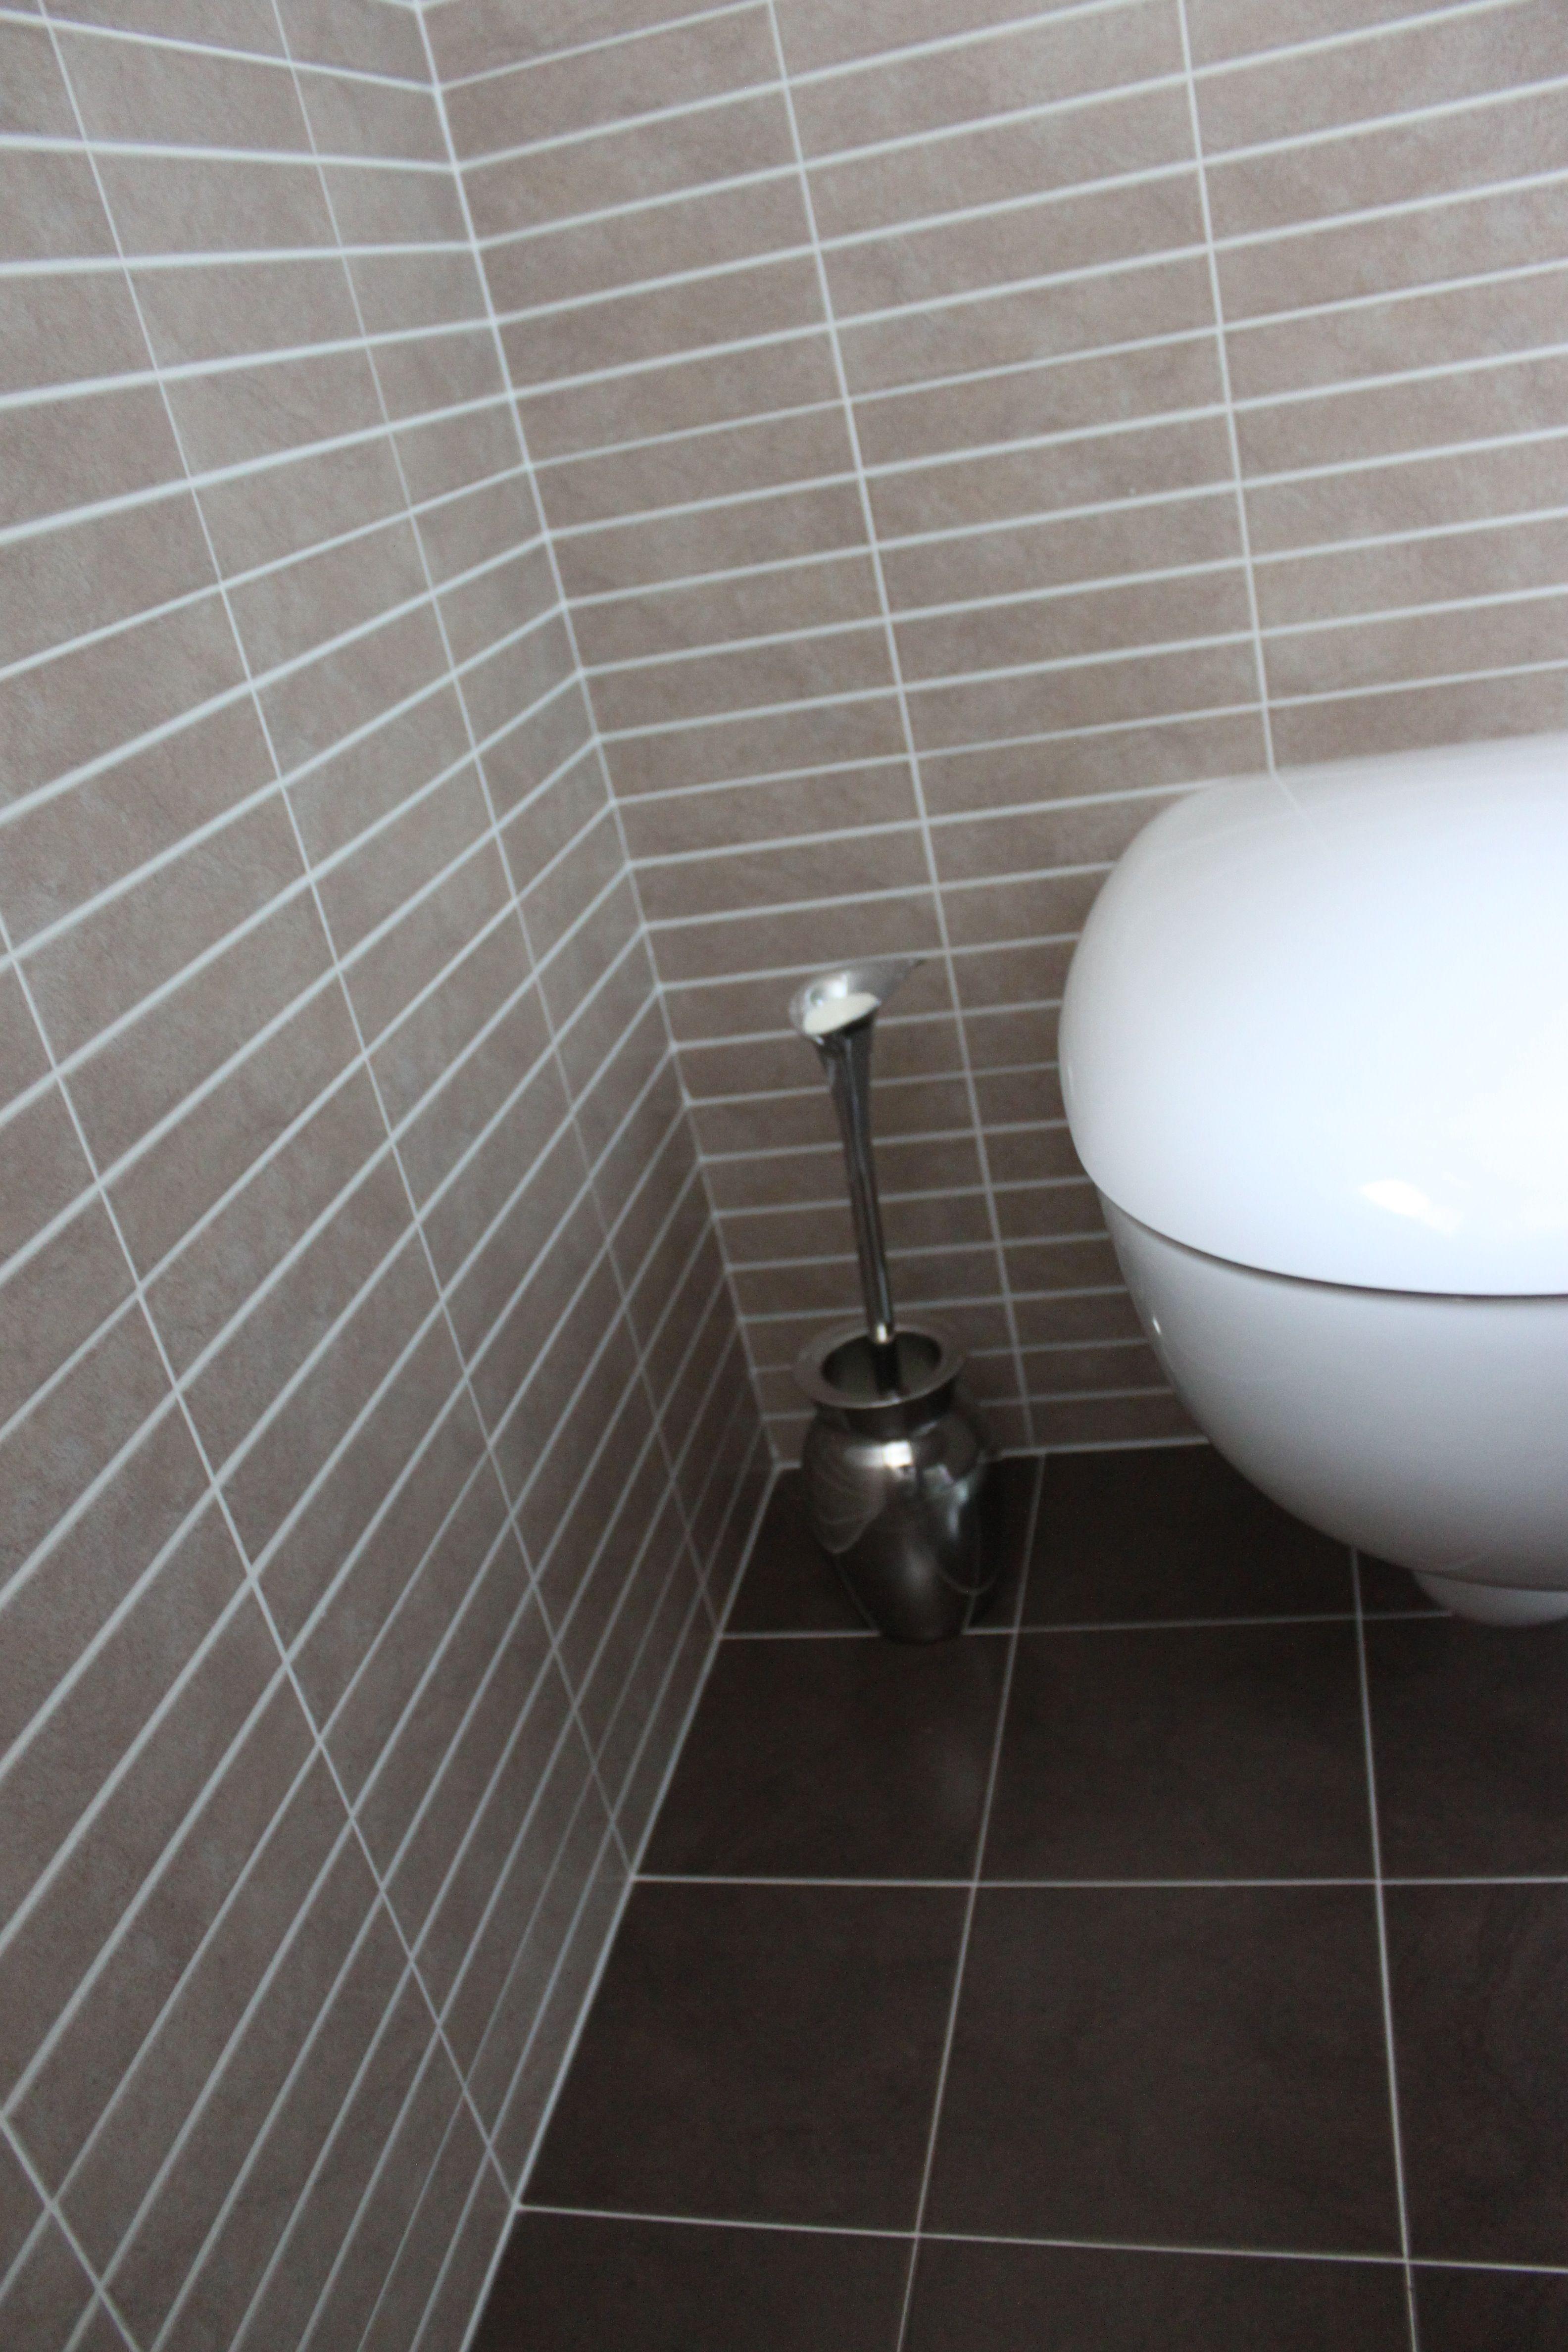 Piastrelle bagno marrone affordable piastrelle bagno marrone with piastrelle bagno marrone - Bagno marrone e beige ...